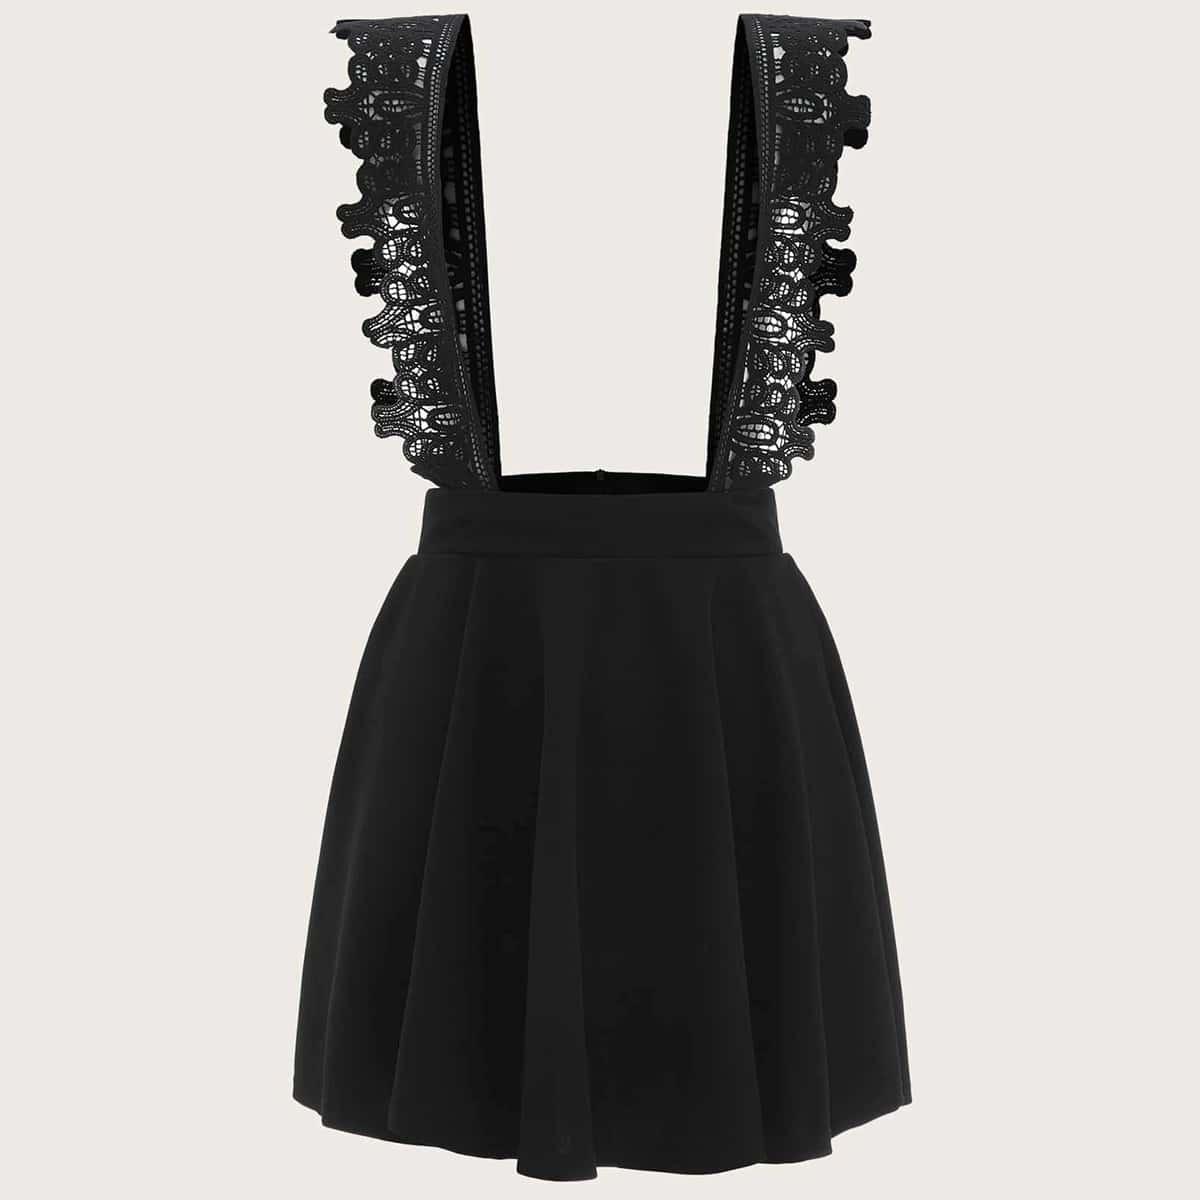 Контрастная кружевная юбка размера плюс с подтяжками от SHEIN